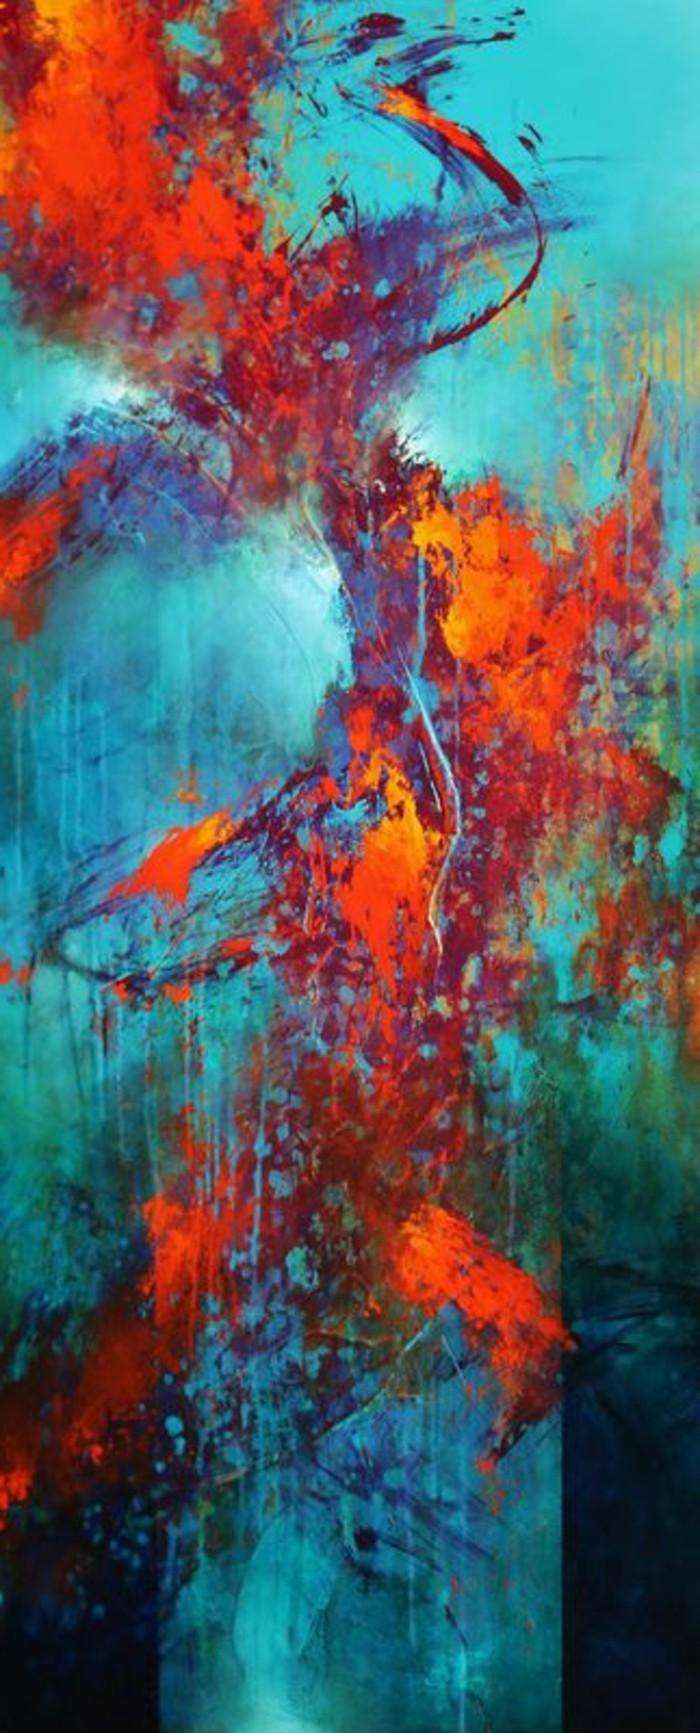 Zeitgenssische Kunst Interessant Und Herausfordernd